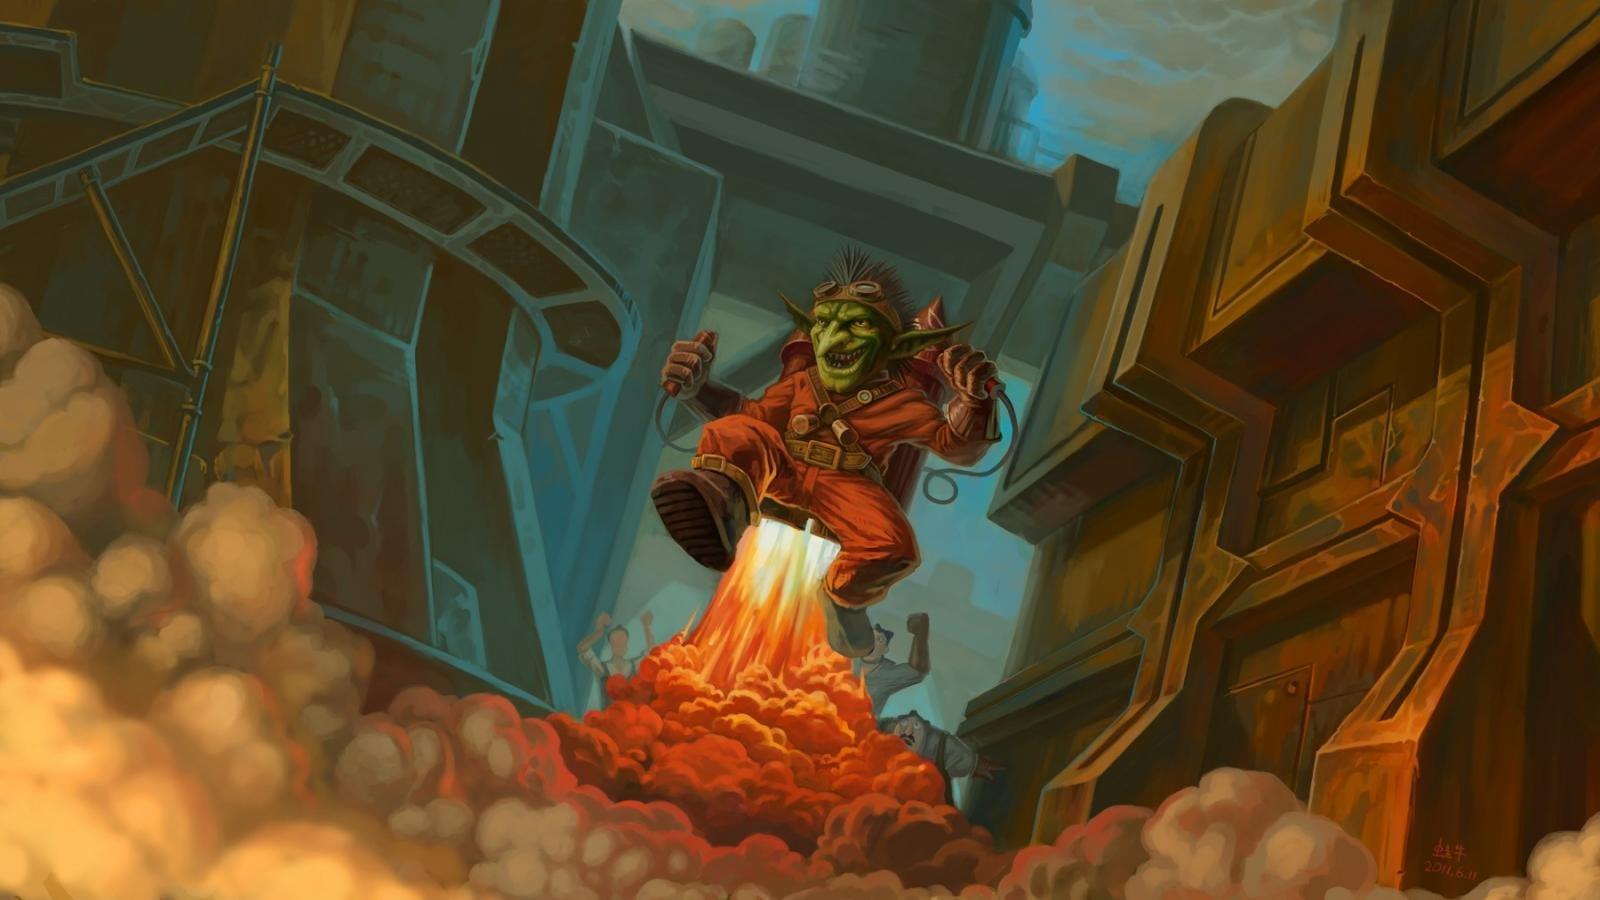 Bildergebnis für World of Warcraft GOld Wallpaper